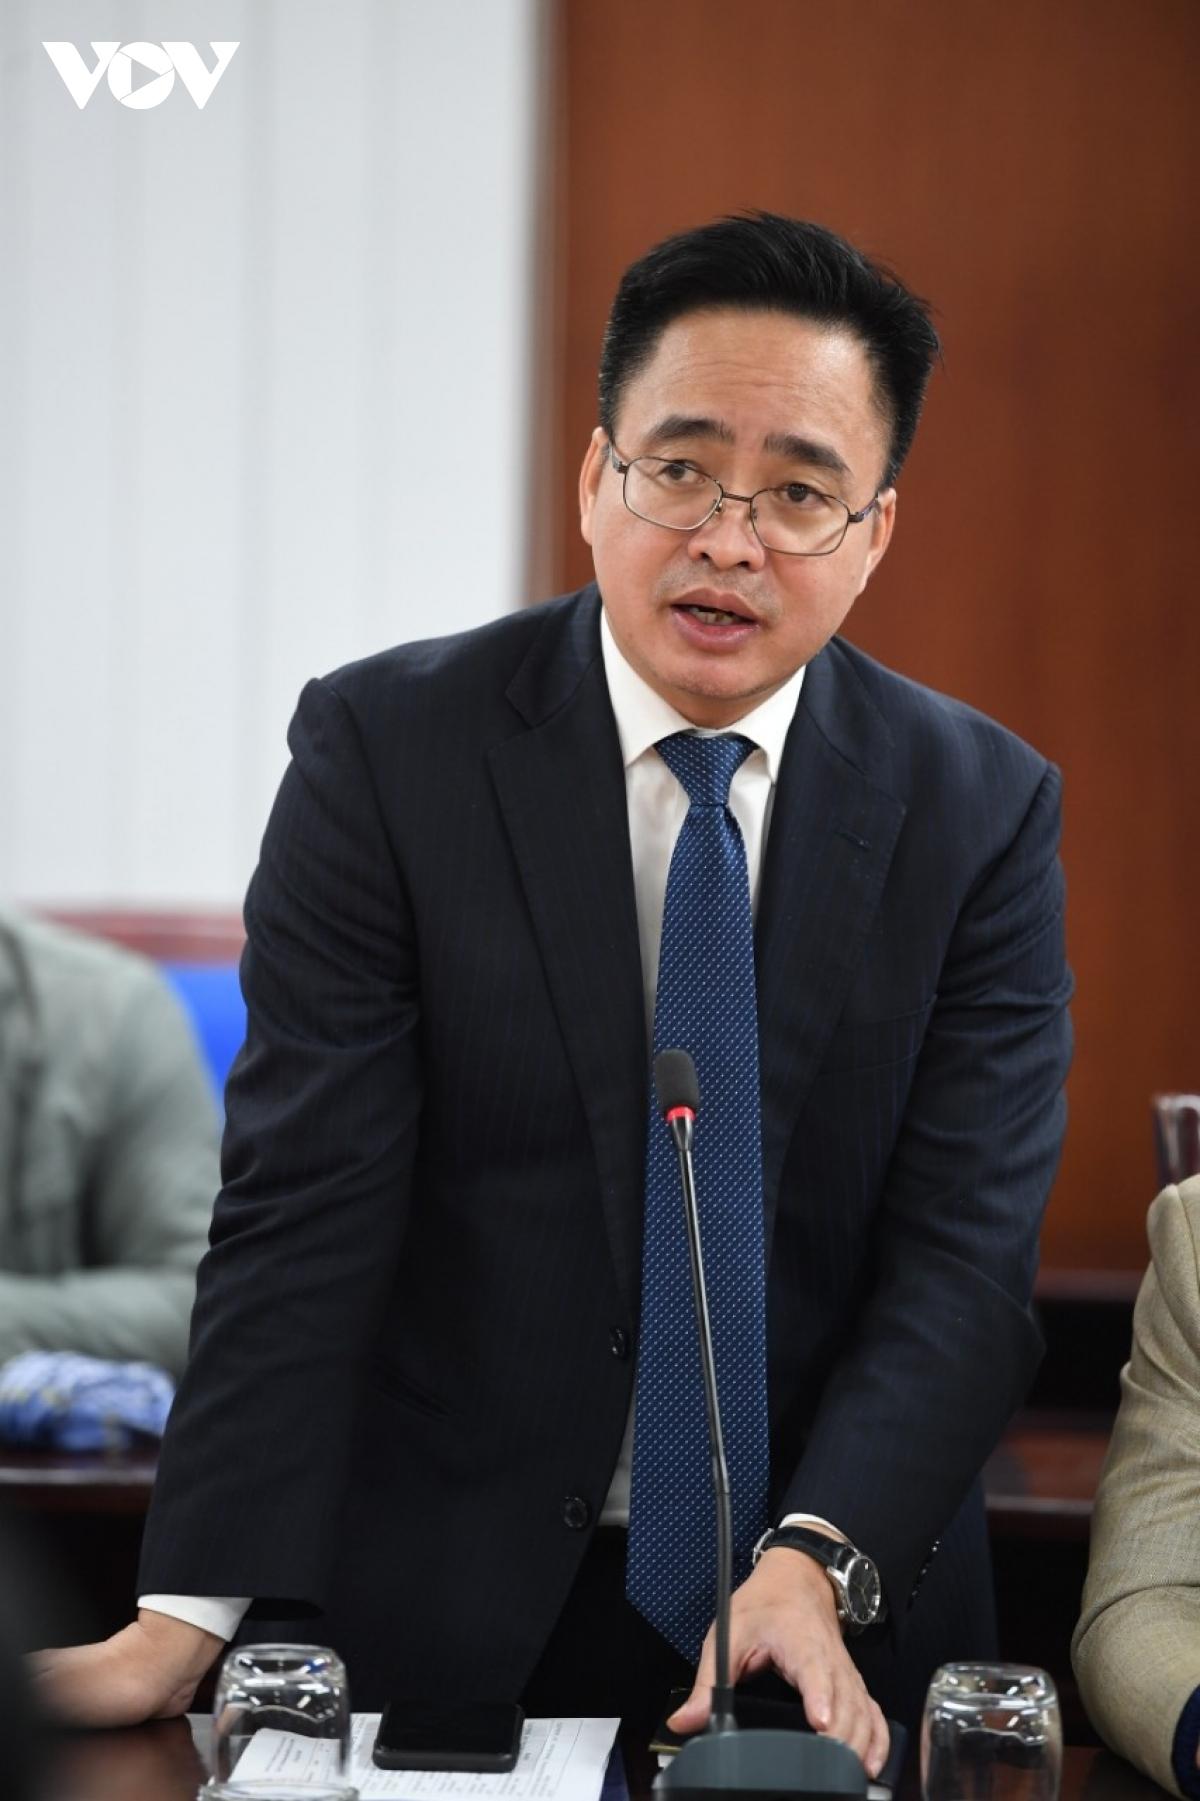 Phó Tổng Giám đốc VOV Phạm Mạnh Hùng.